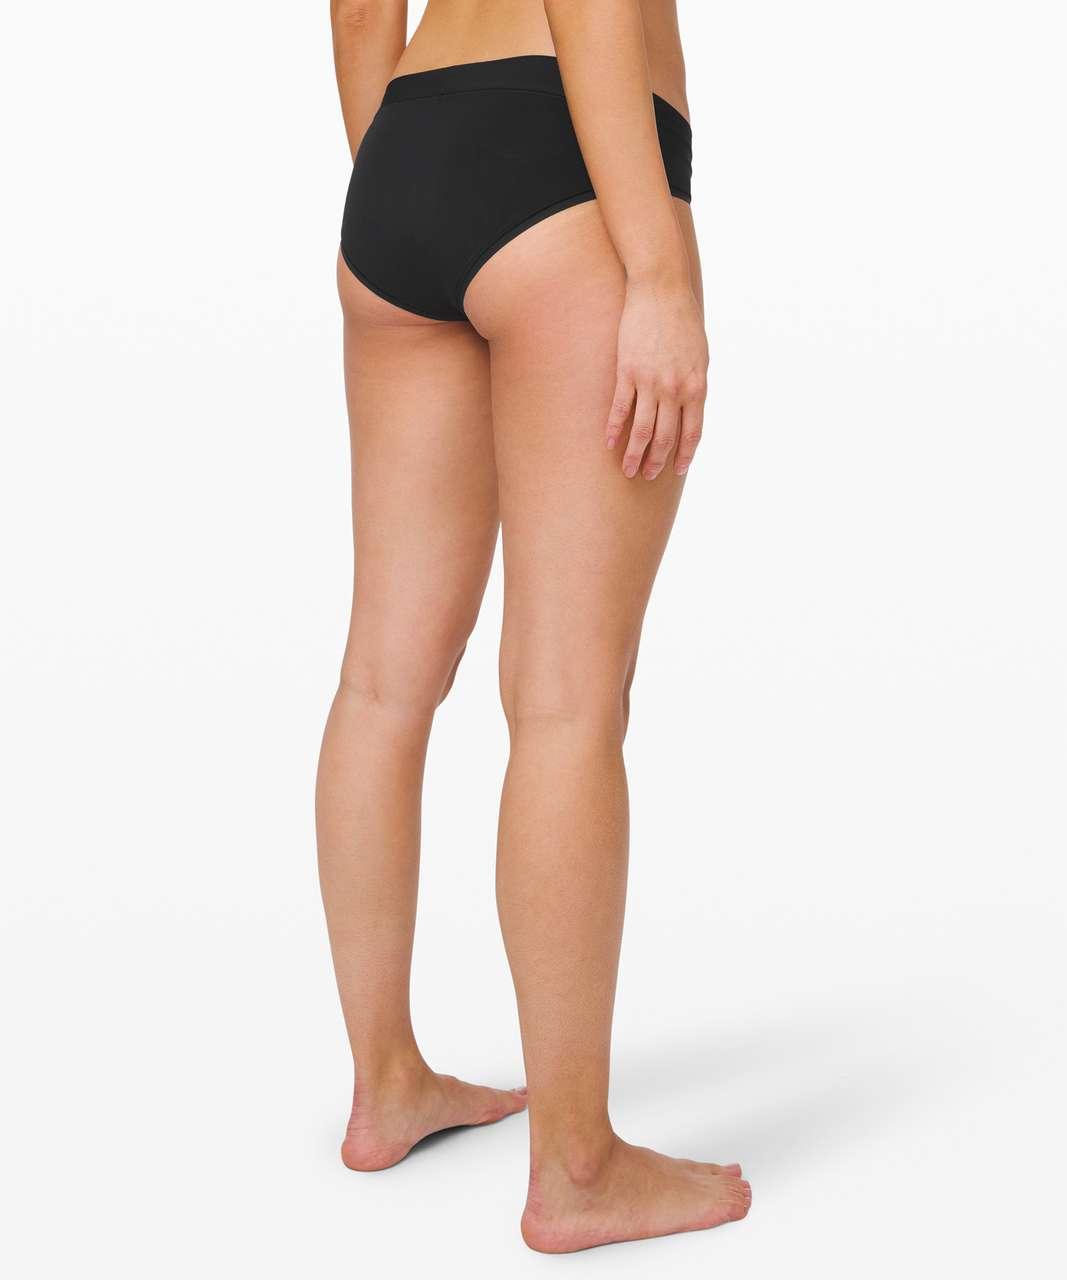 Lululemon Soft Breathable Bikini 5 Pack - Black / Black / Black / Black / Black